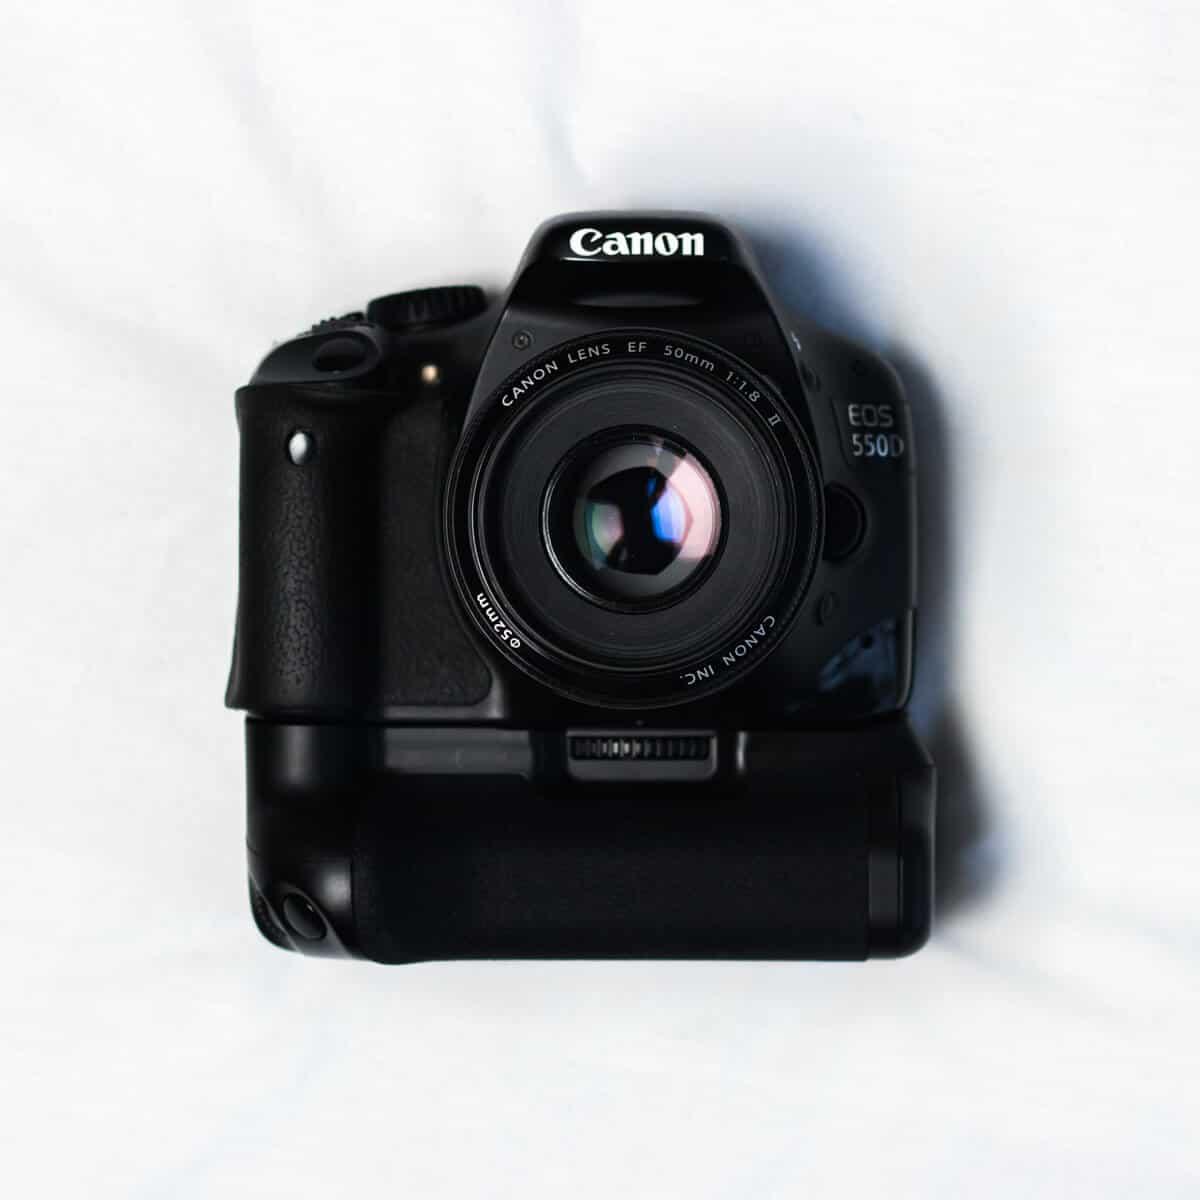 Black Canon digital camera.